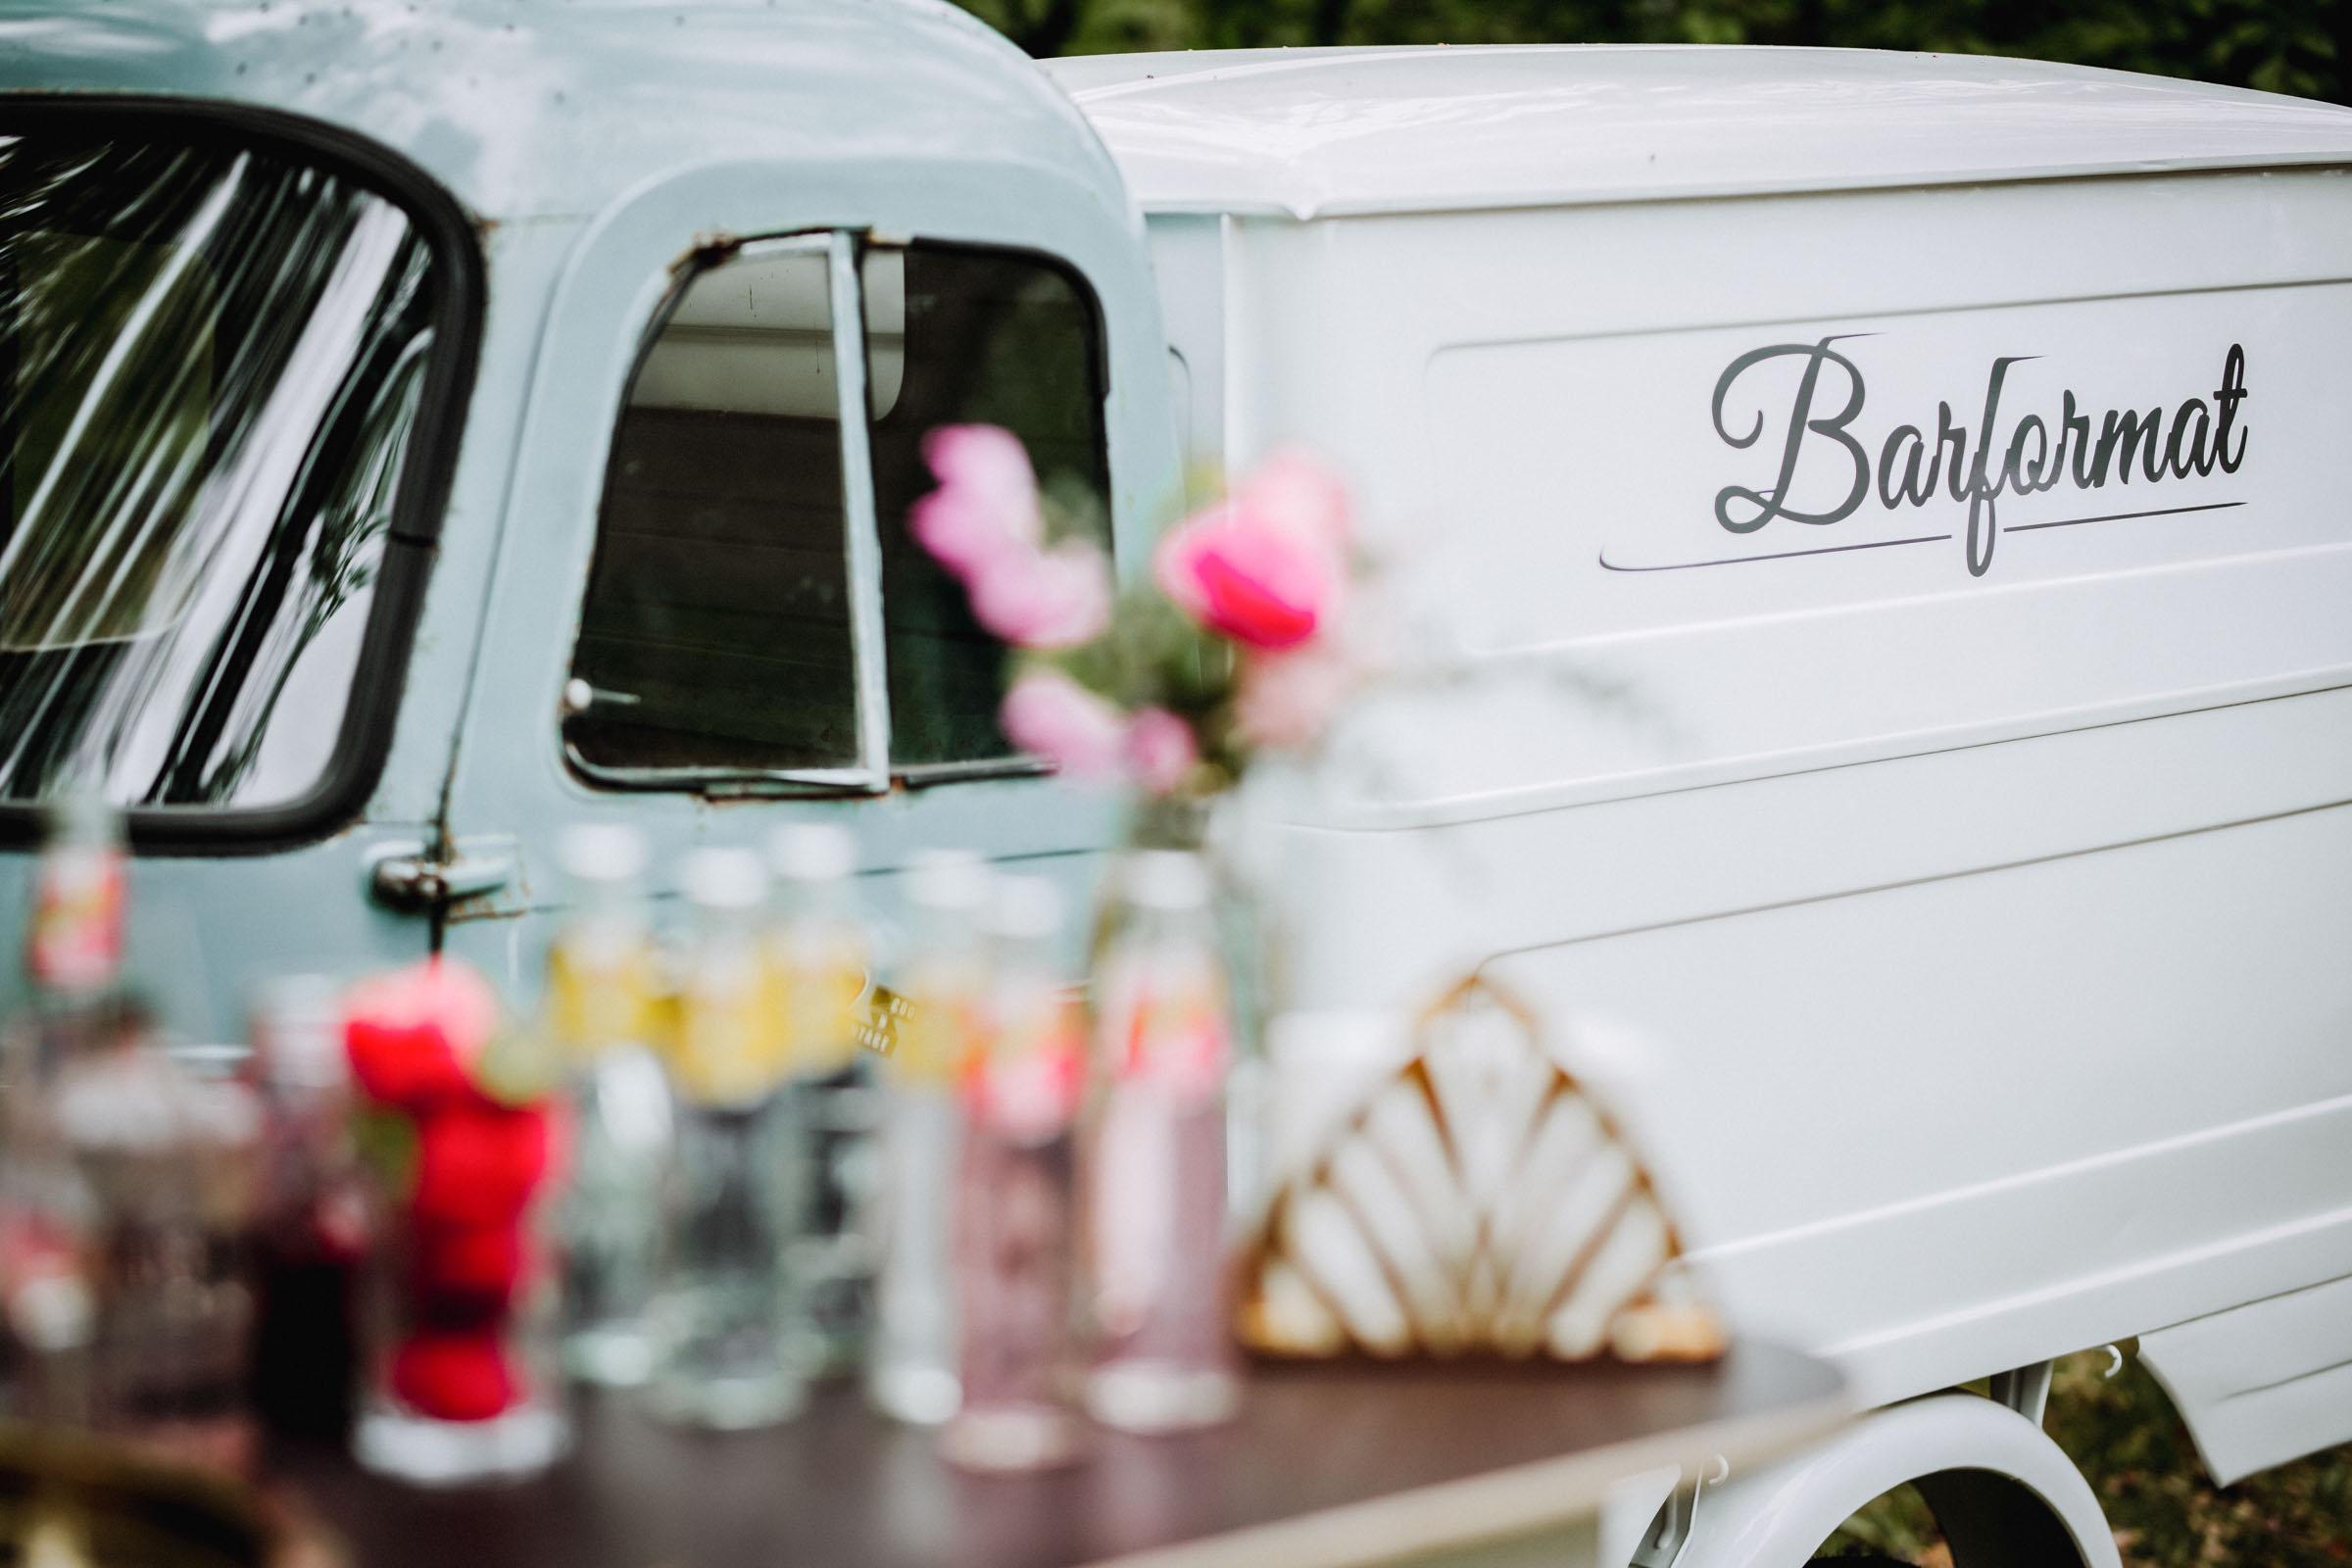 Barformat | Mobile | Bar | Hannover | Hamburg | Bremen | Braunschweig | Cocktailbar | Sektempfang | Hochzeit | Cocktailservice | Bulli | Bar | Barkeeper | Messen | Firmenfeiern | Catering | Food | Truck | Getränke | Ape | VW